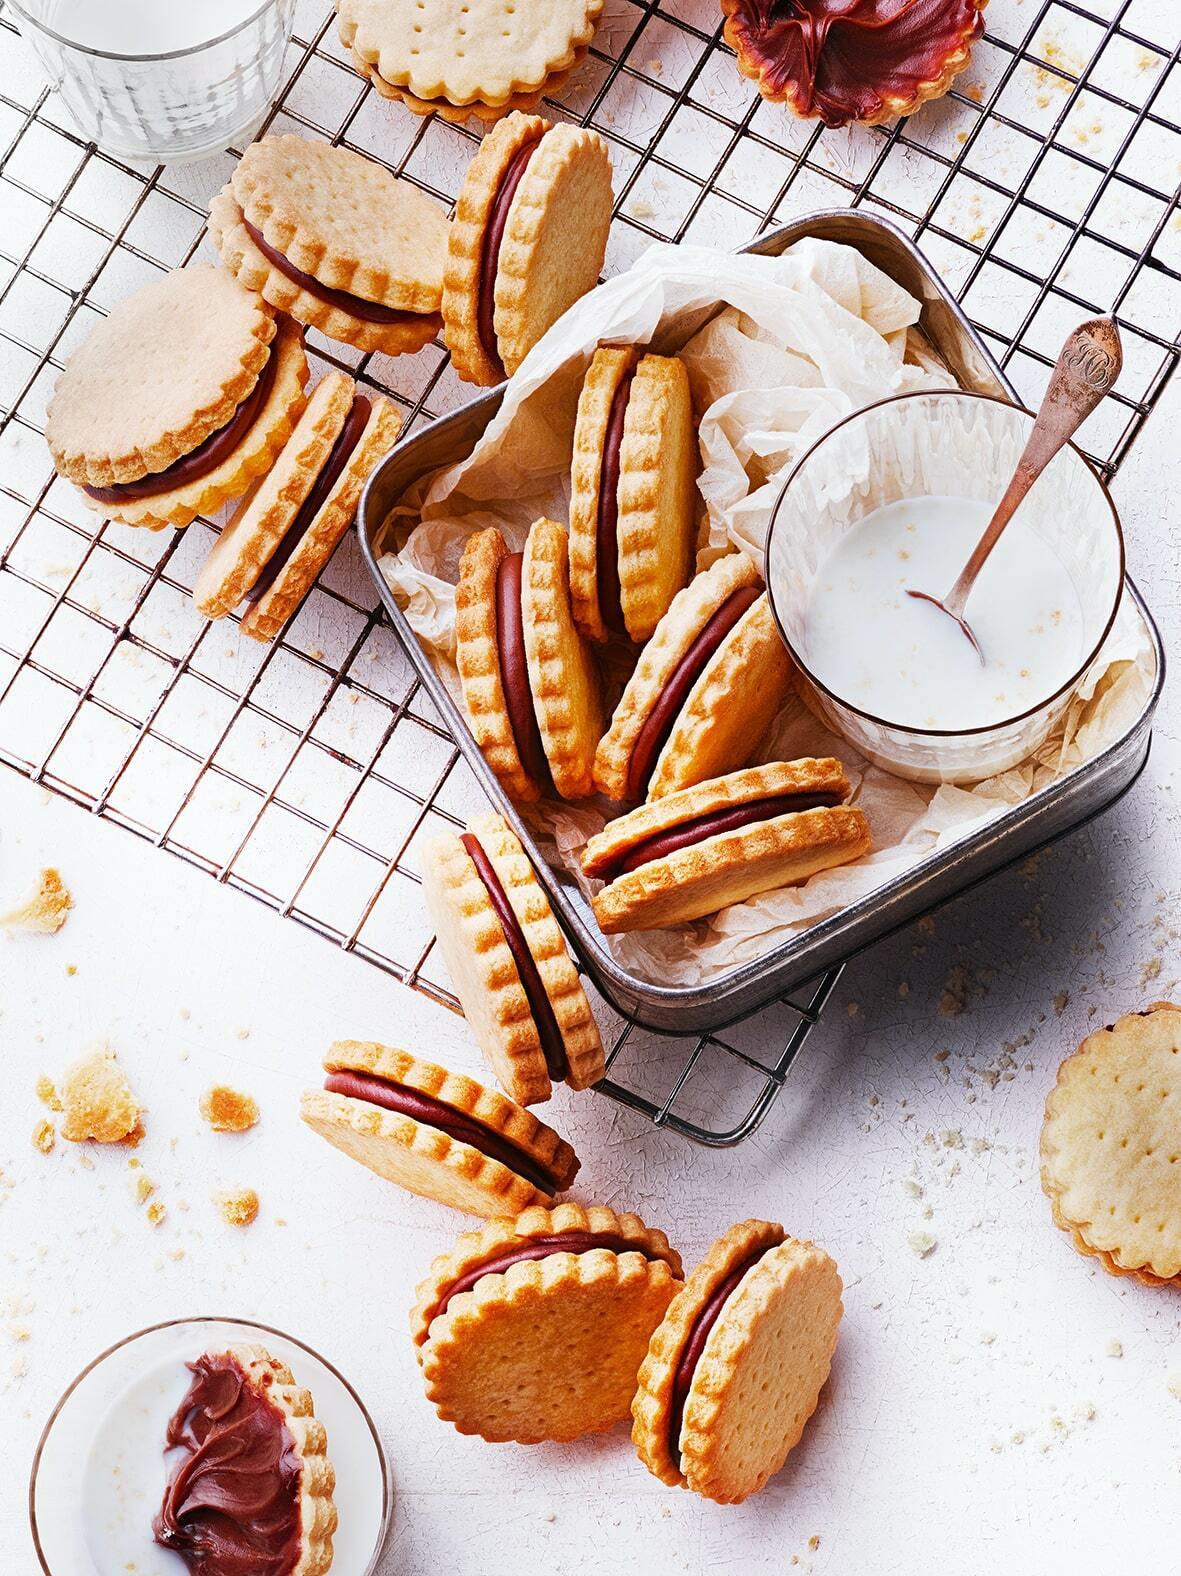 Sablés fourrés au chocolat façon BN -min © Julie Mechali / Annelyse Chardon / Cniel